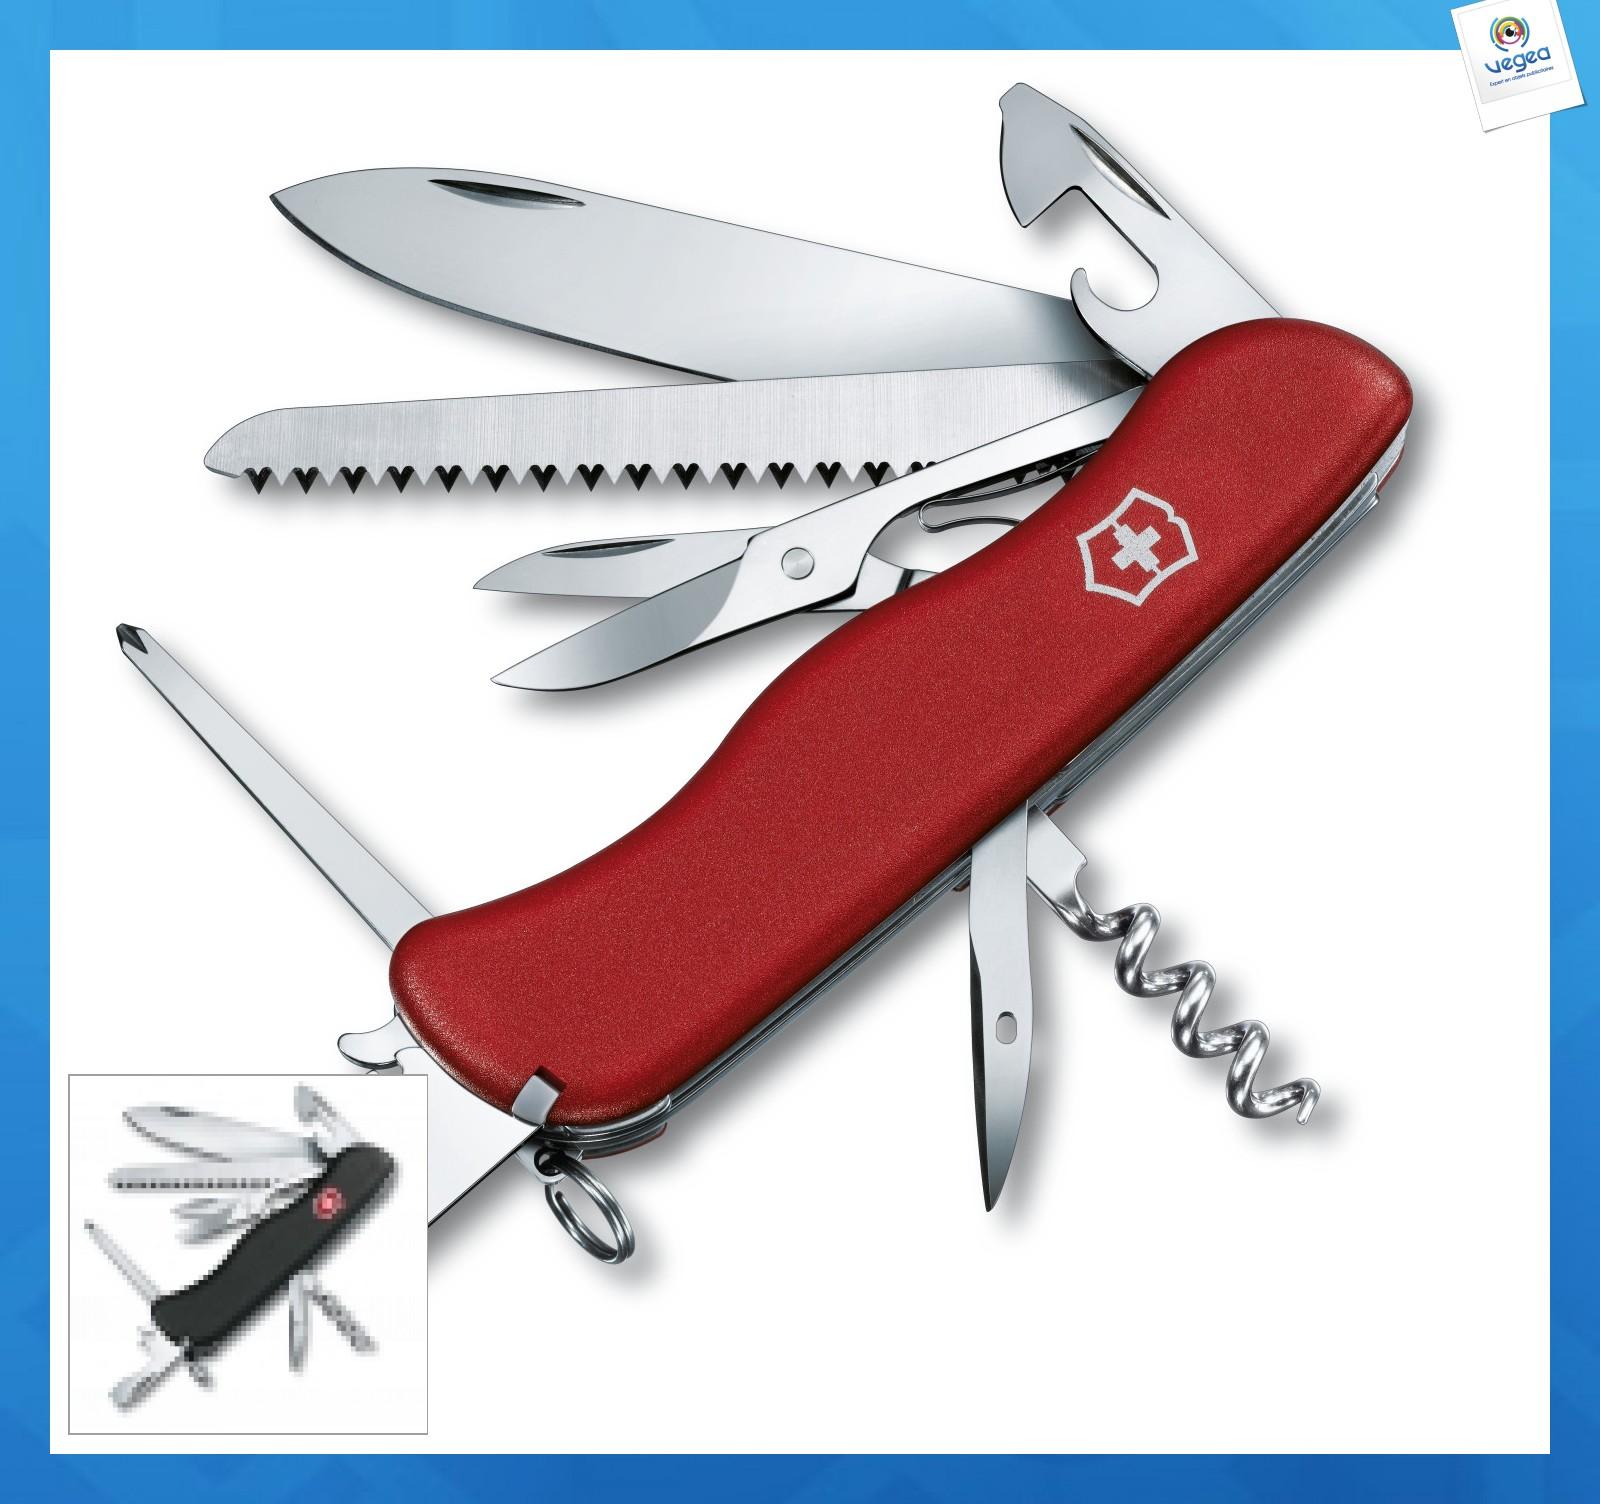 Couteau suisse victorinox personnalisé outrider